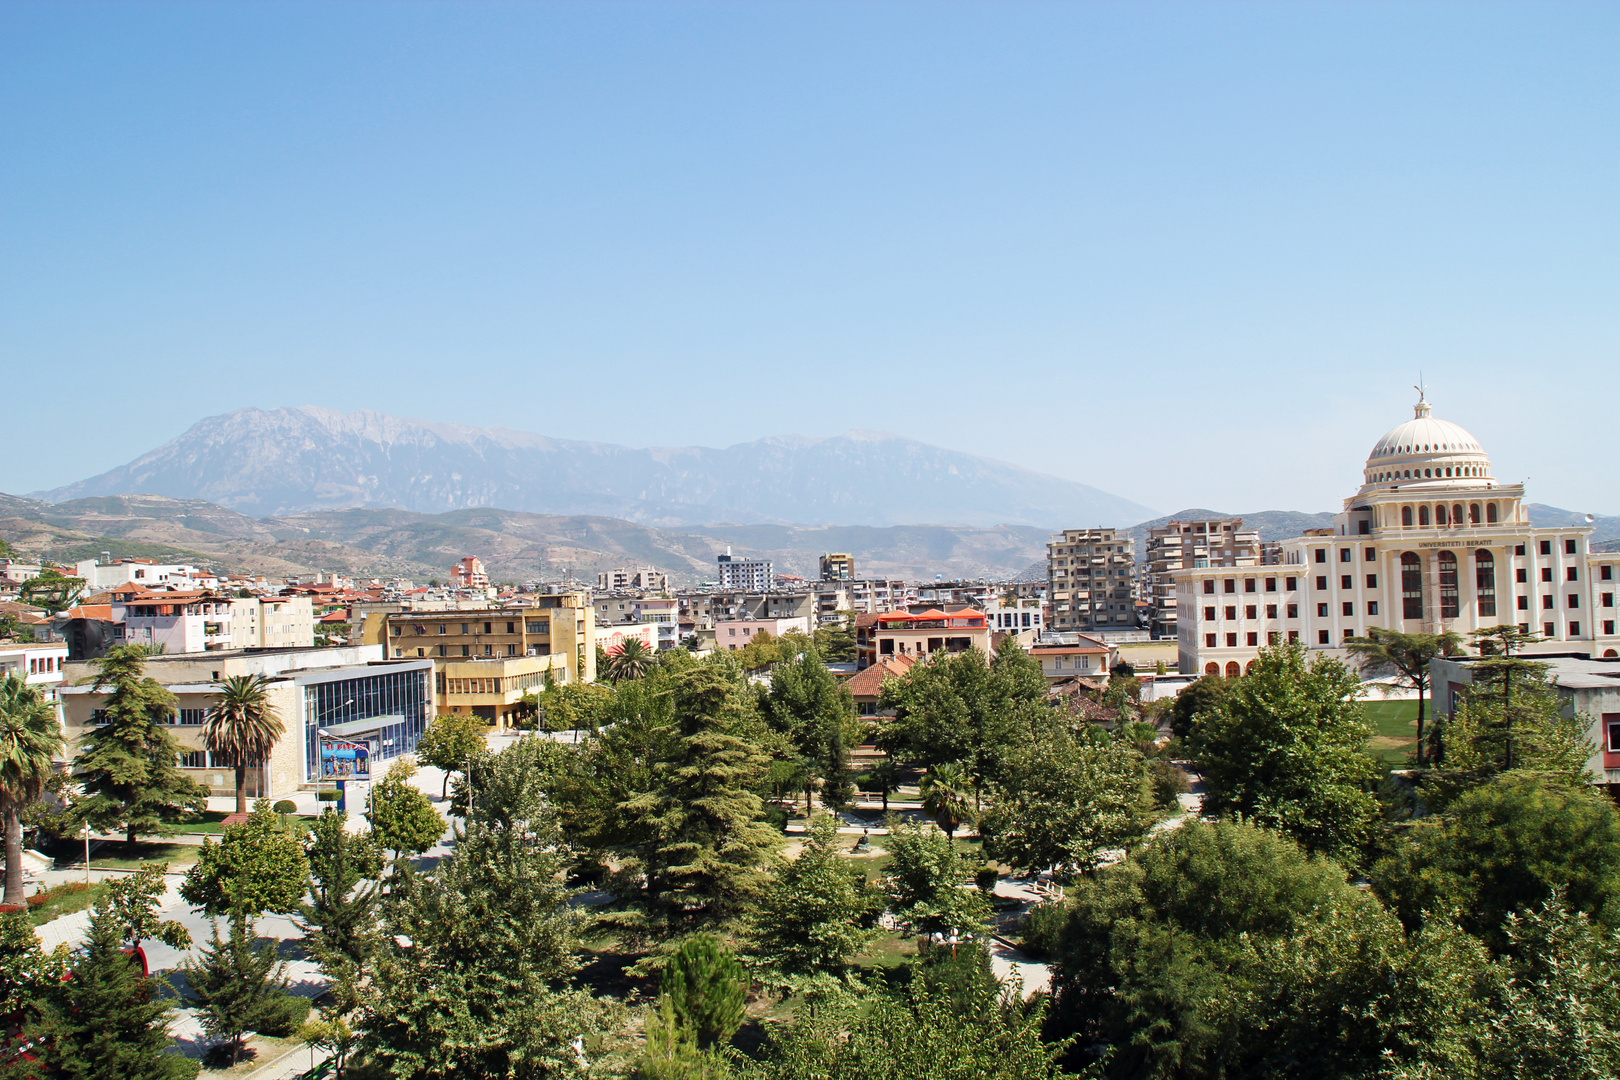 Berat / Albanien: Blick aus dem Hotelfenster auf die Stadt